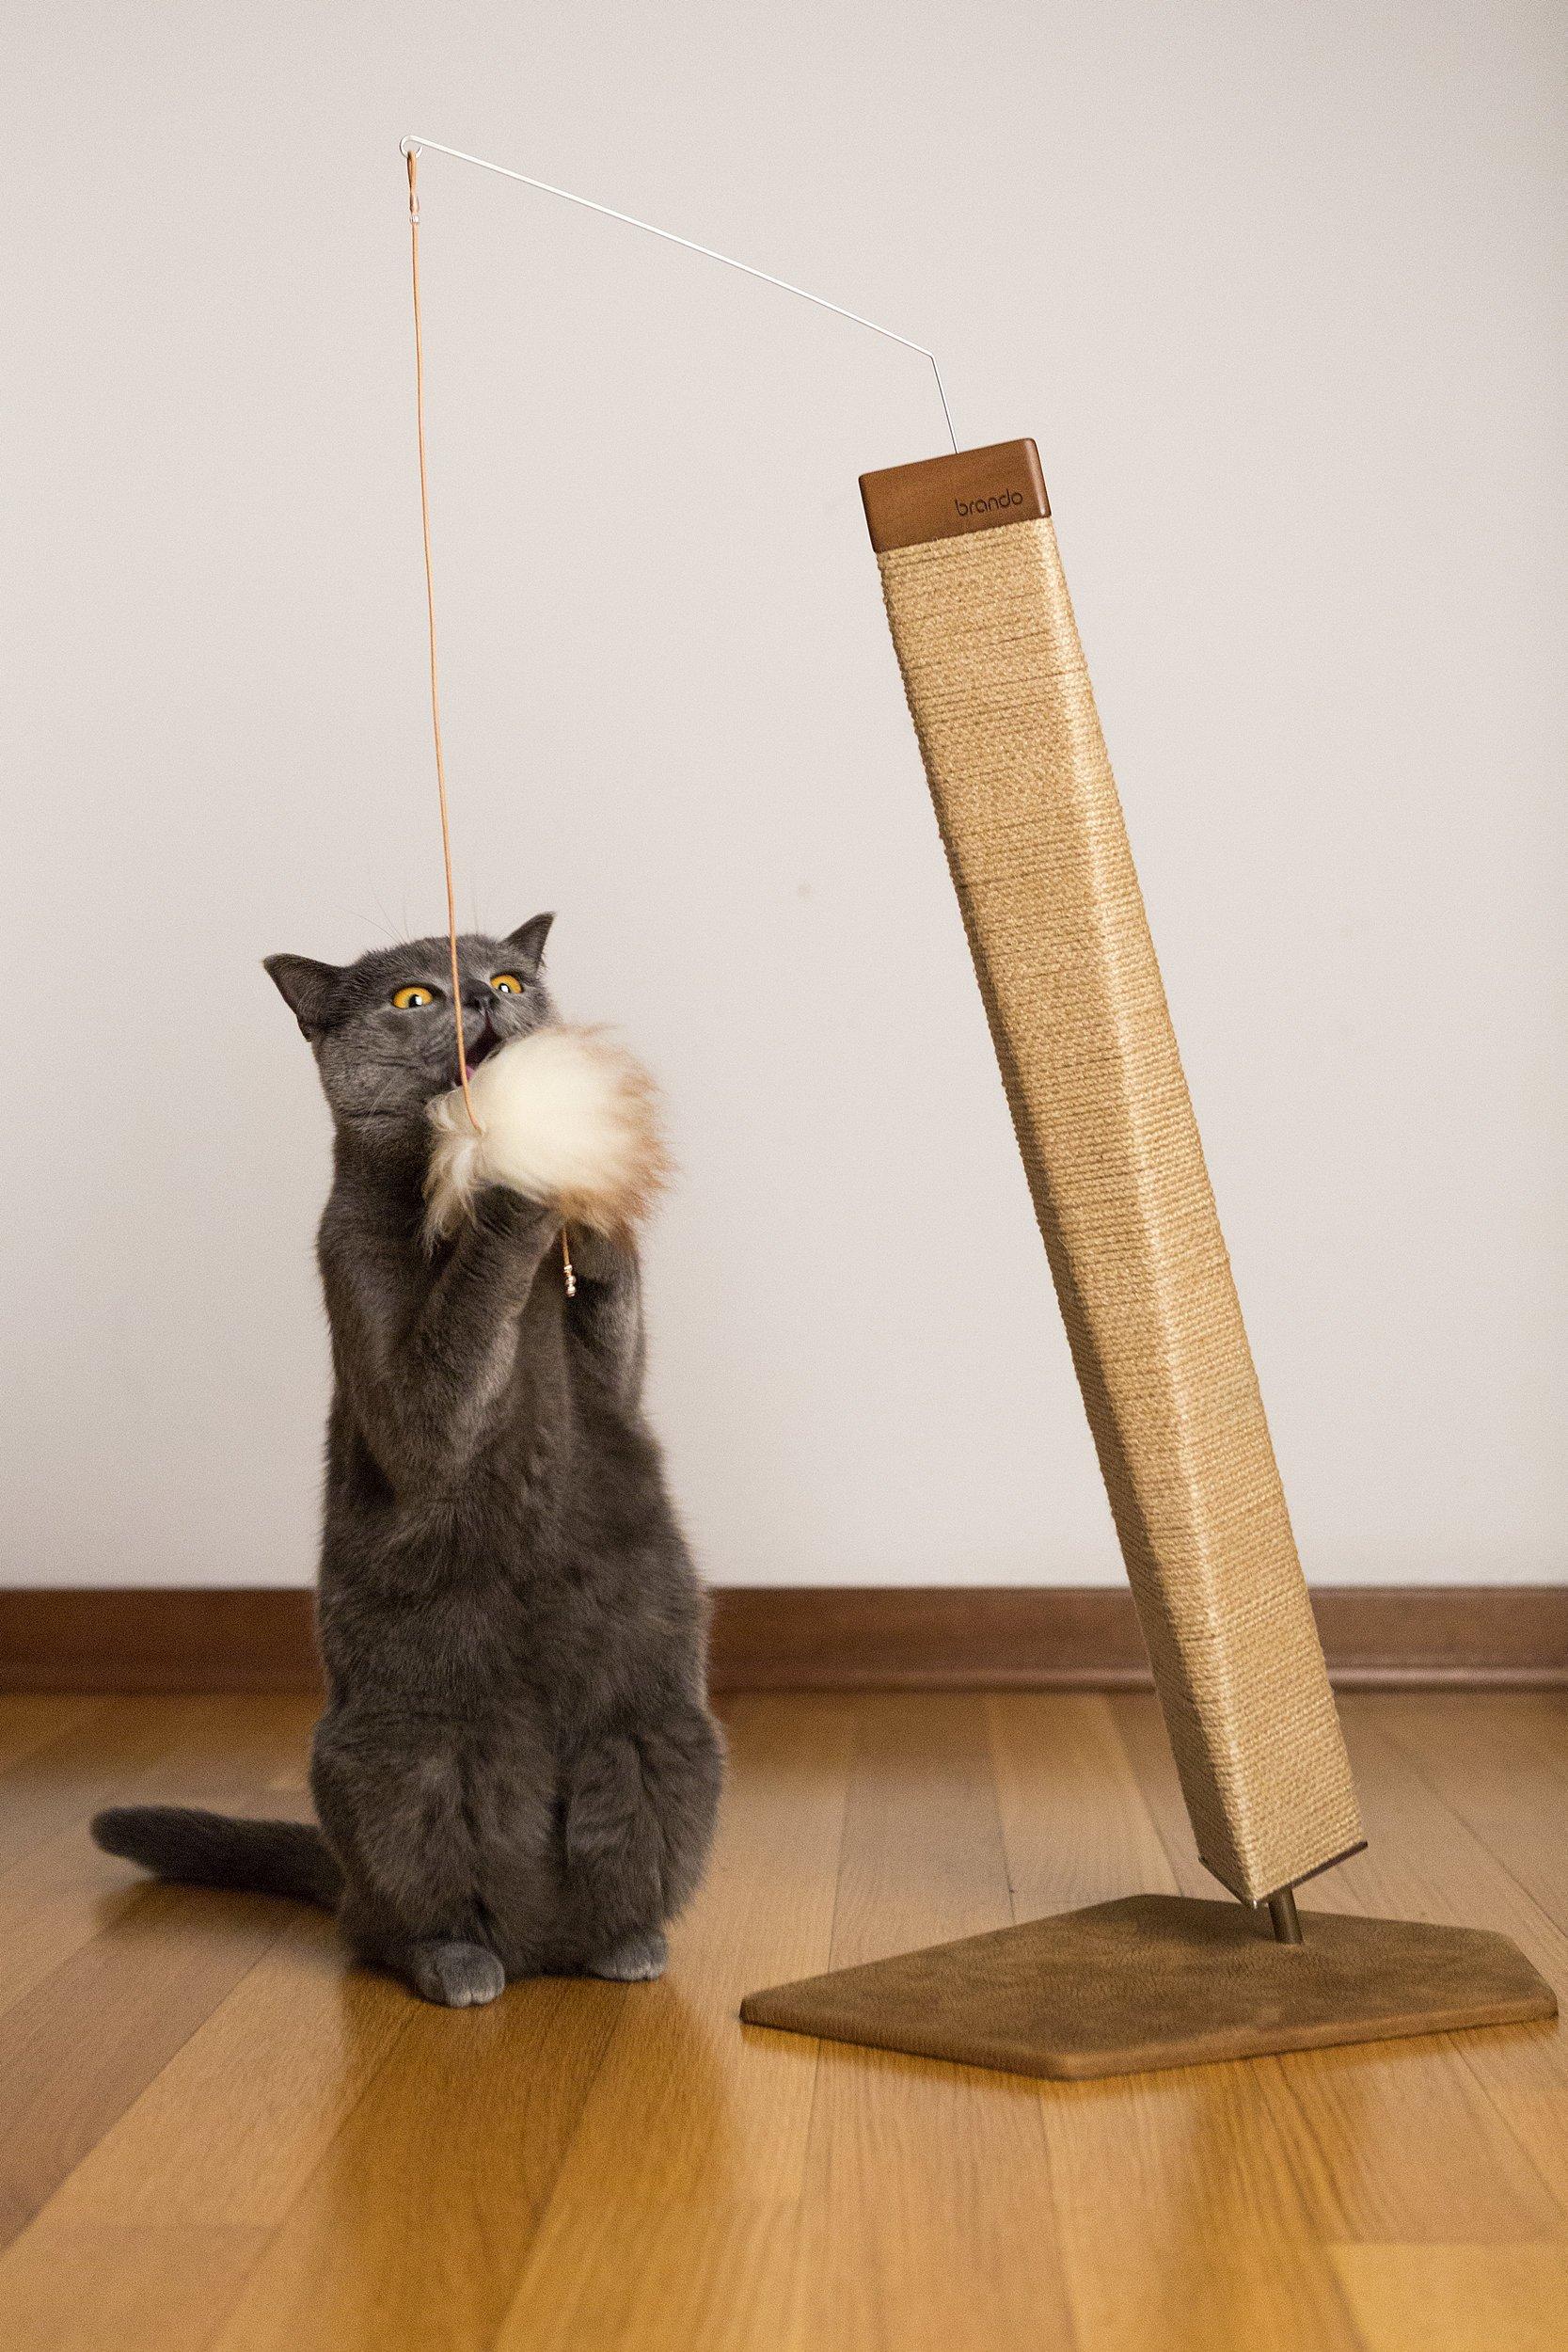 Cuccia Gatto Fai Da Te gatto in casa, senza danni: erba gatta e tiragraffi - cose